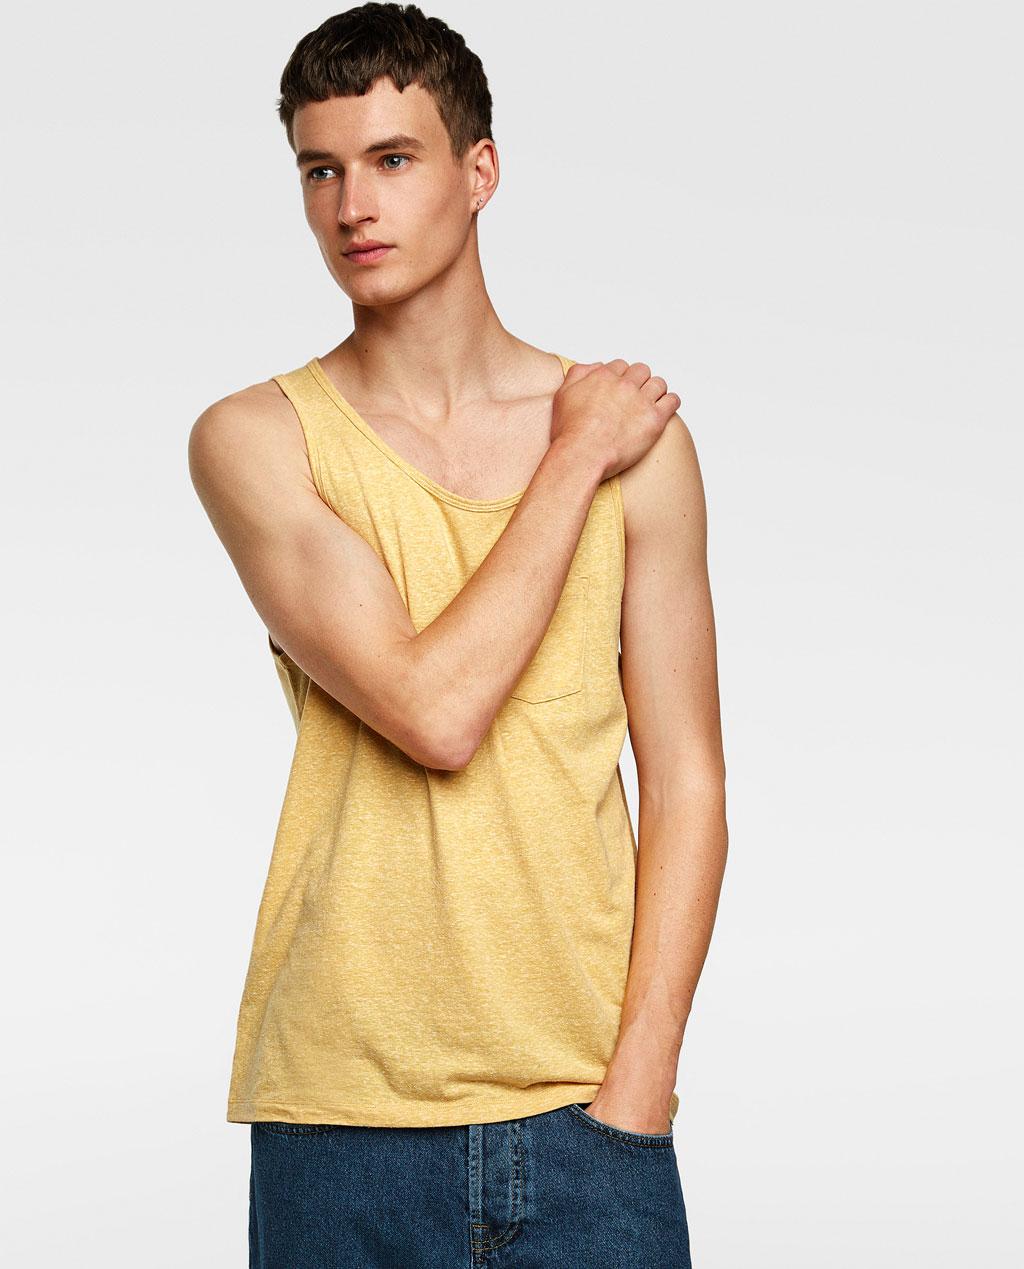 Thời trang nam Zara  24067 - ảnh 4